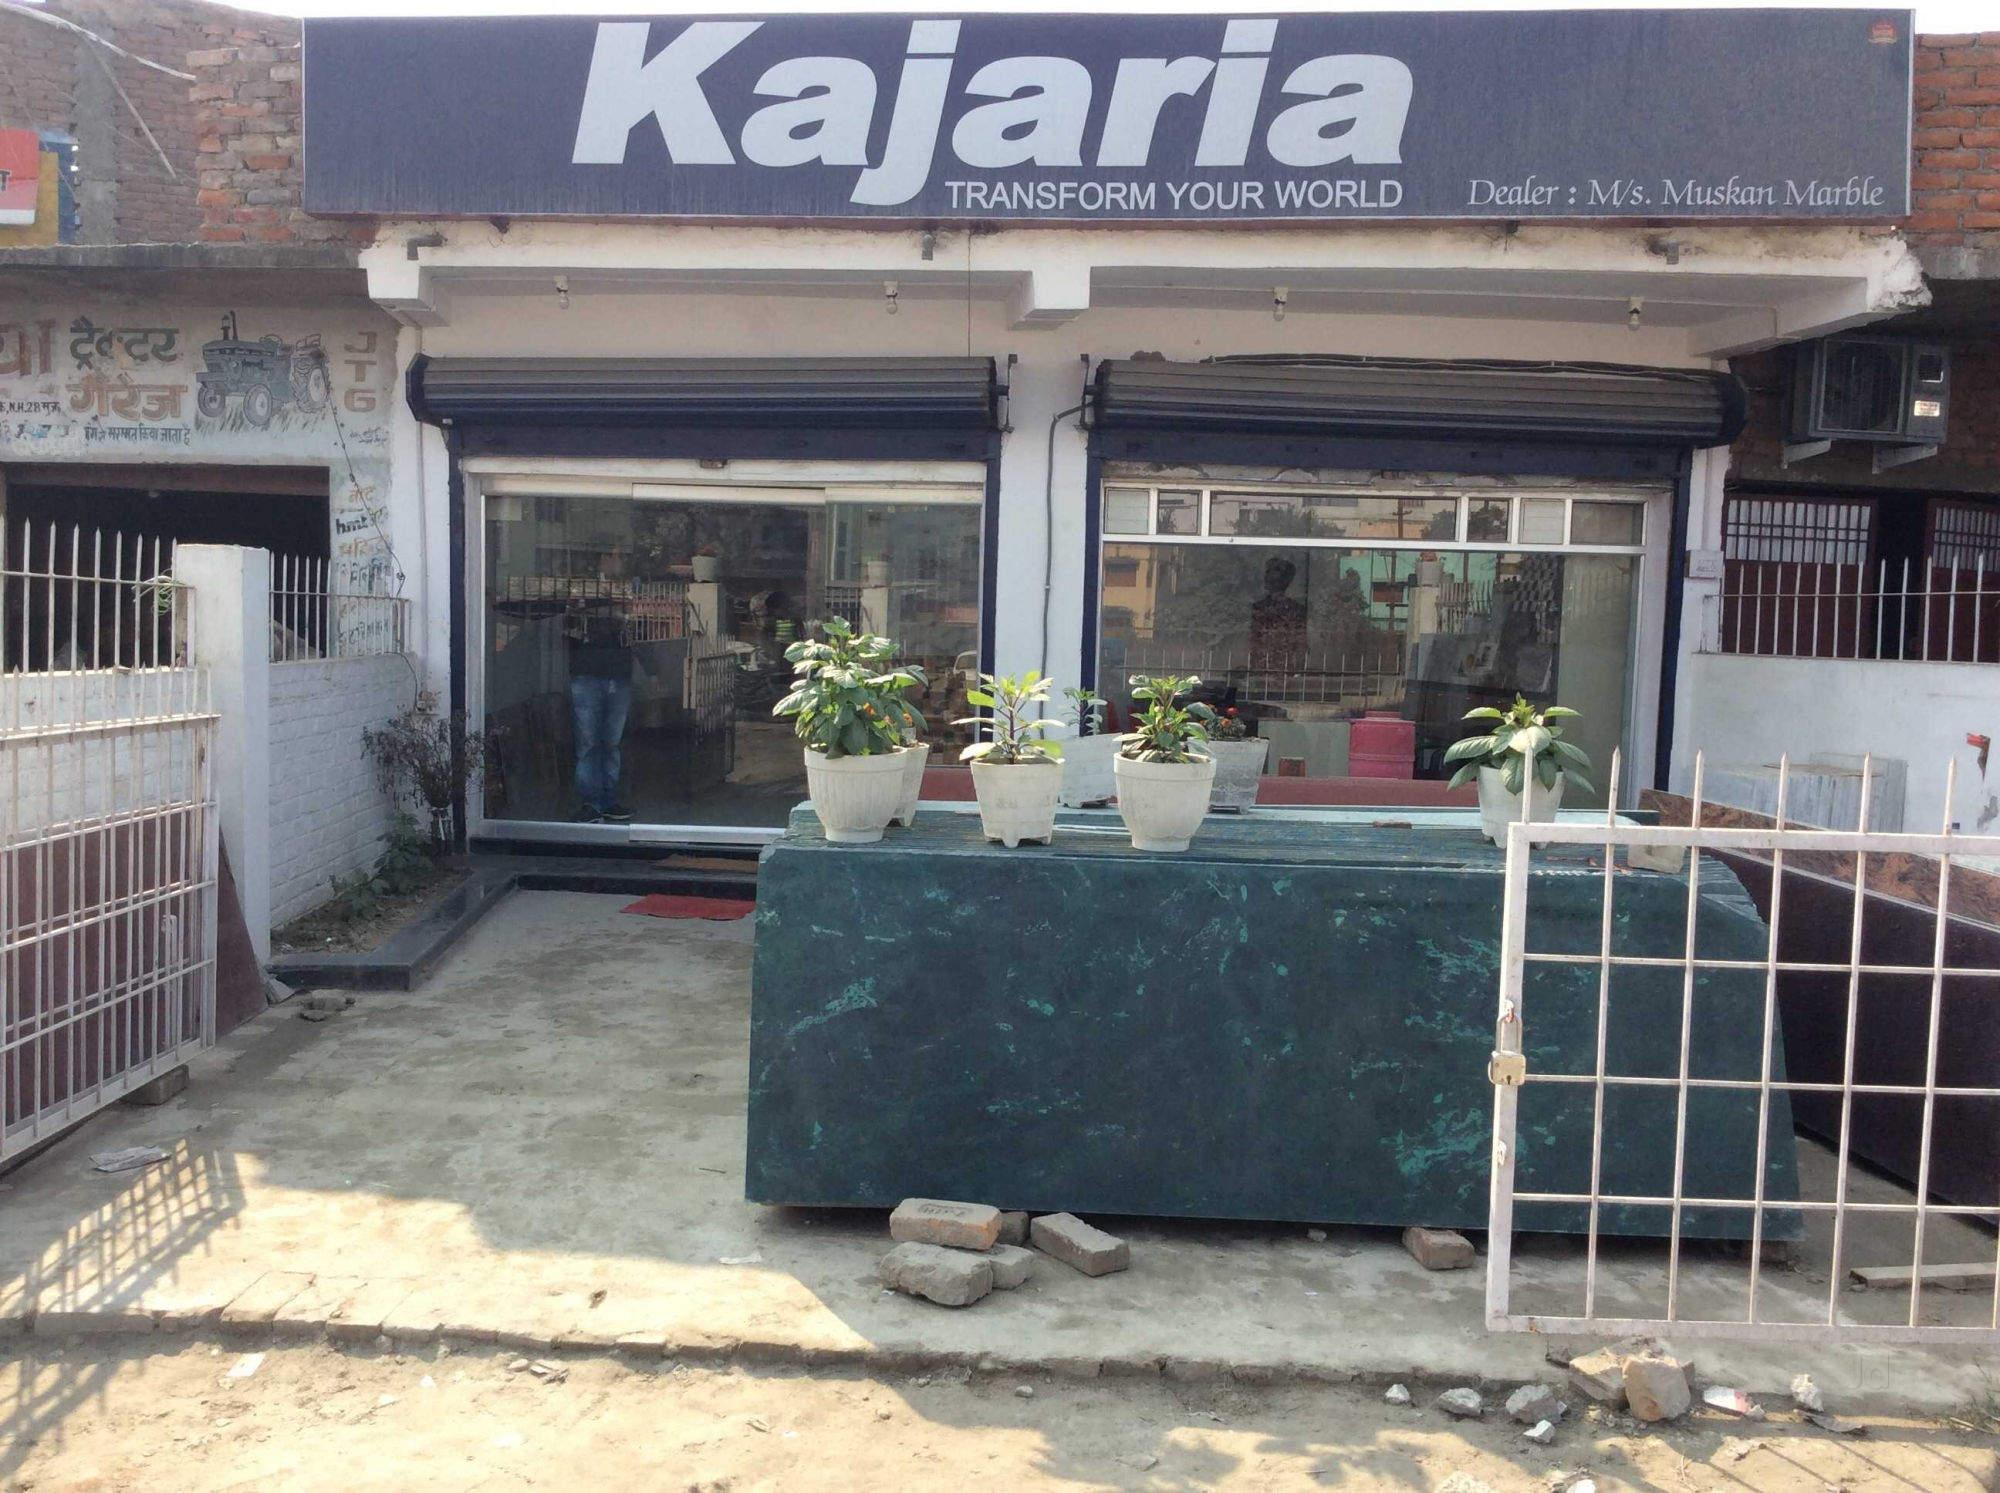 Toto Sanitaryware Dealers in Chandwara, Muzaffarpur - Buy Sanitary ...